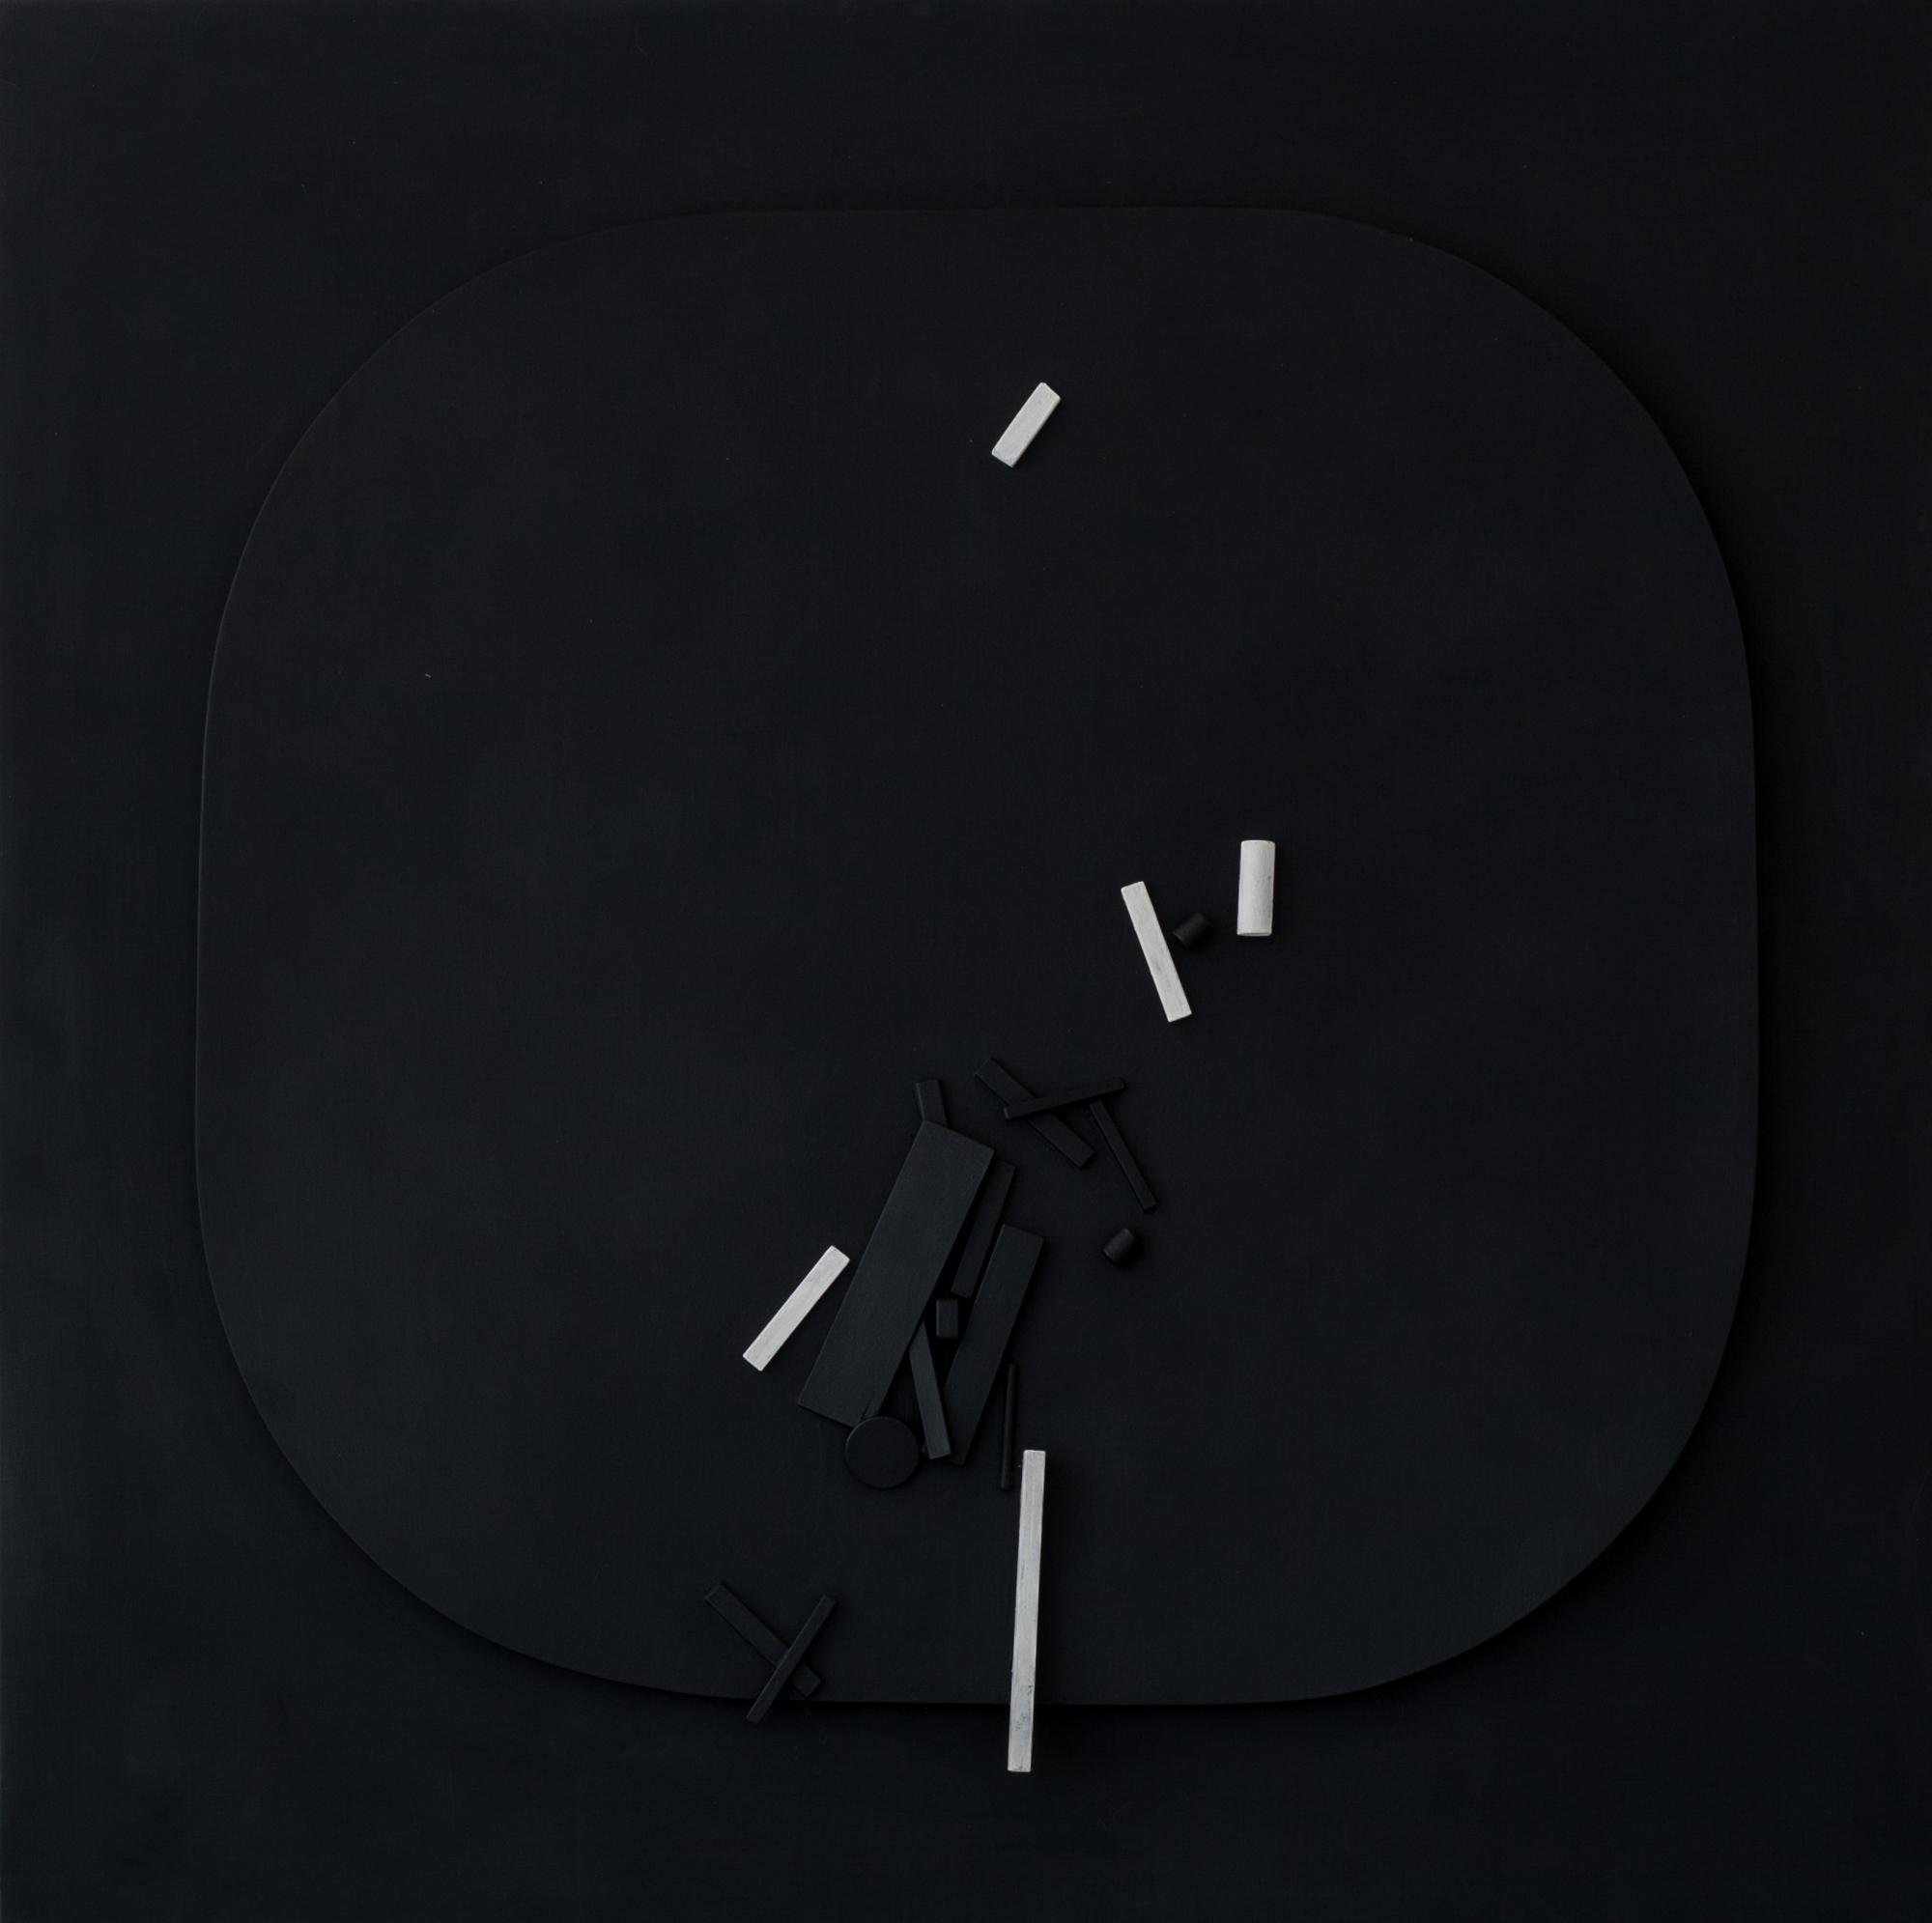 Demartini_Galerie_Zavodny_1.jpg